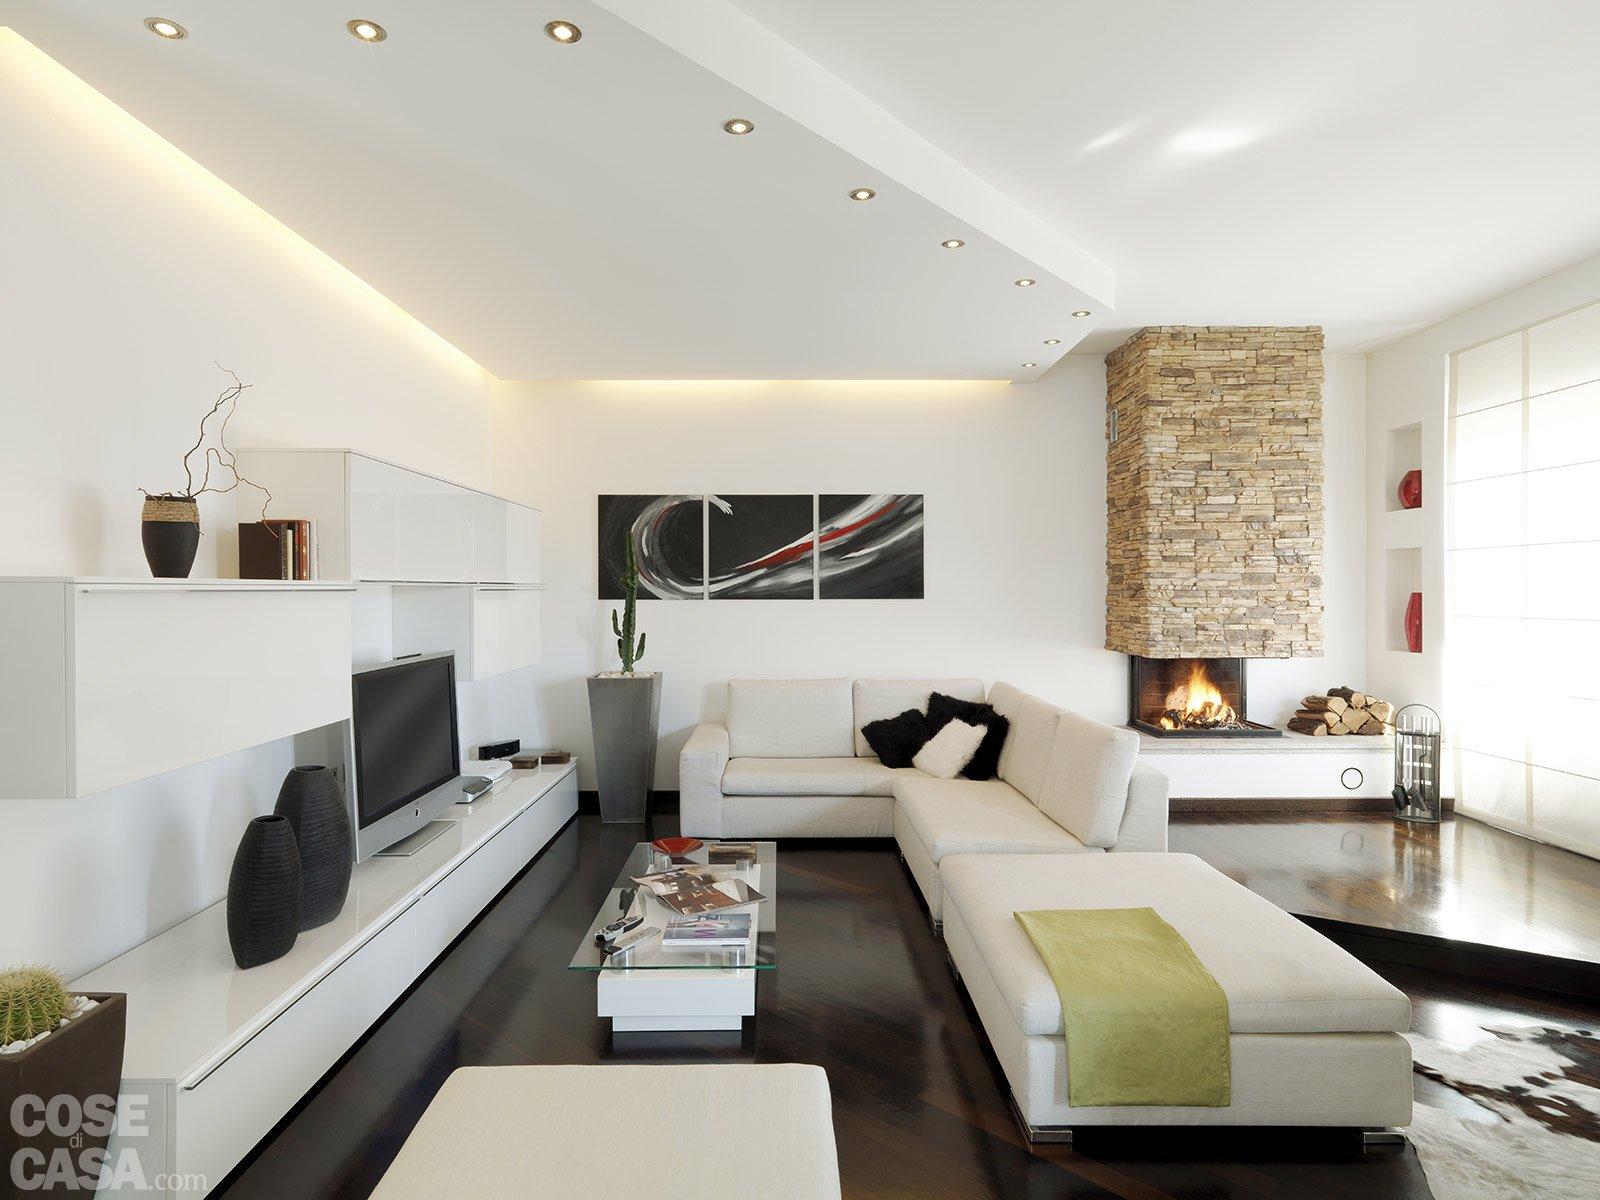 Una casa moderna su livelli sfalsati cose di casa for Case arredate moderne foto